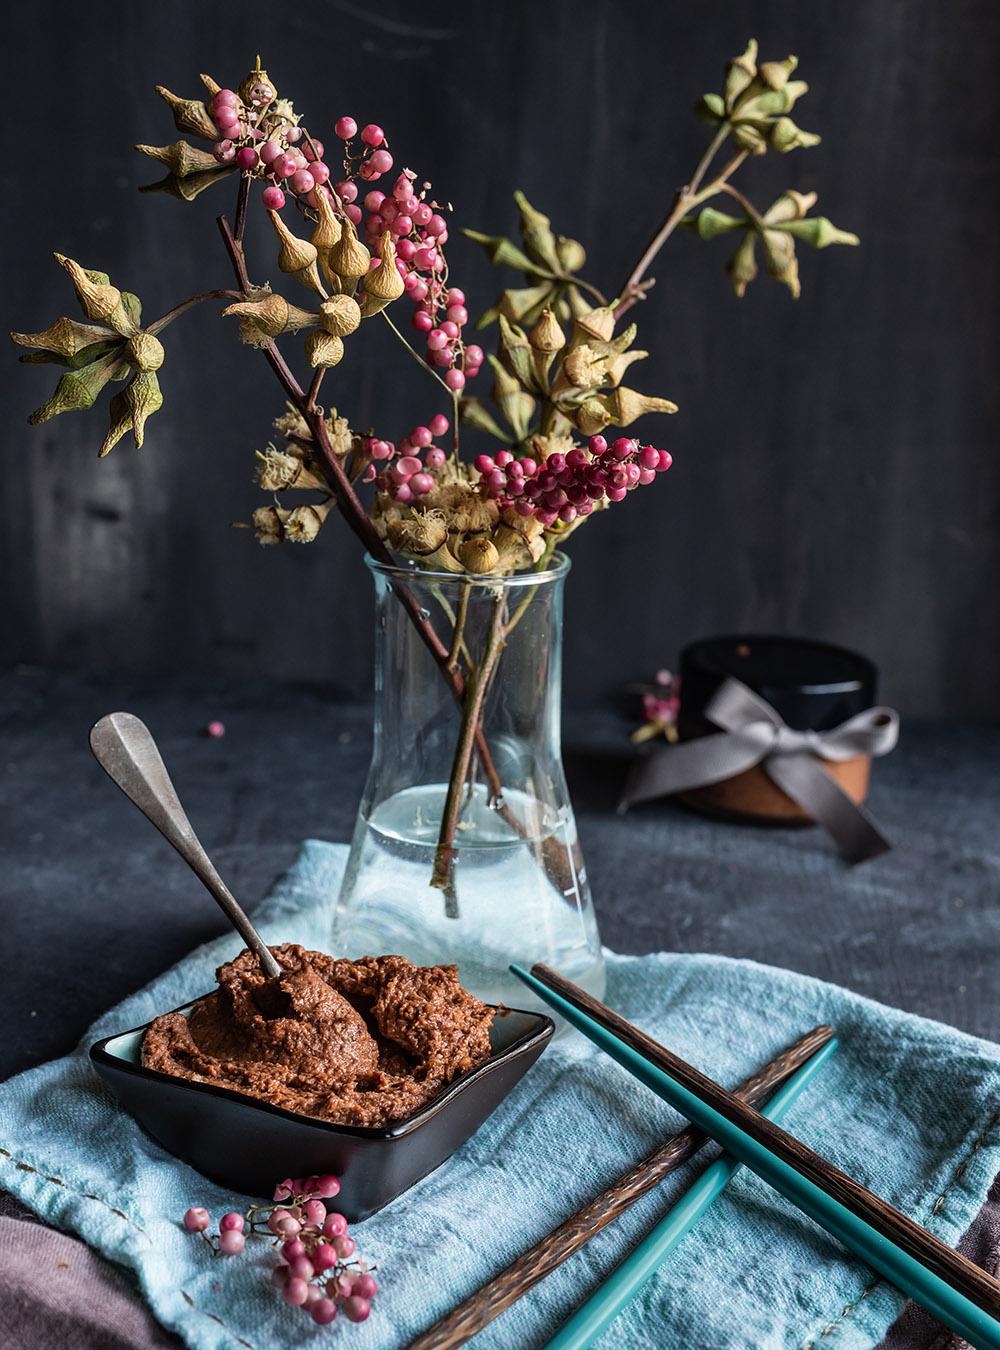 Umami Paste - schenk doch mal Geschmack. Rezept für maximalen Geschmack, als Geschenk und unverzichtbar für die eigene Küche #umami #umamibombe